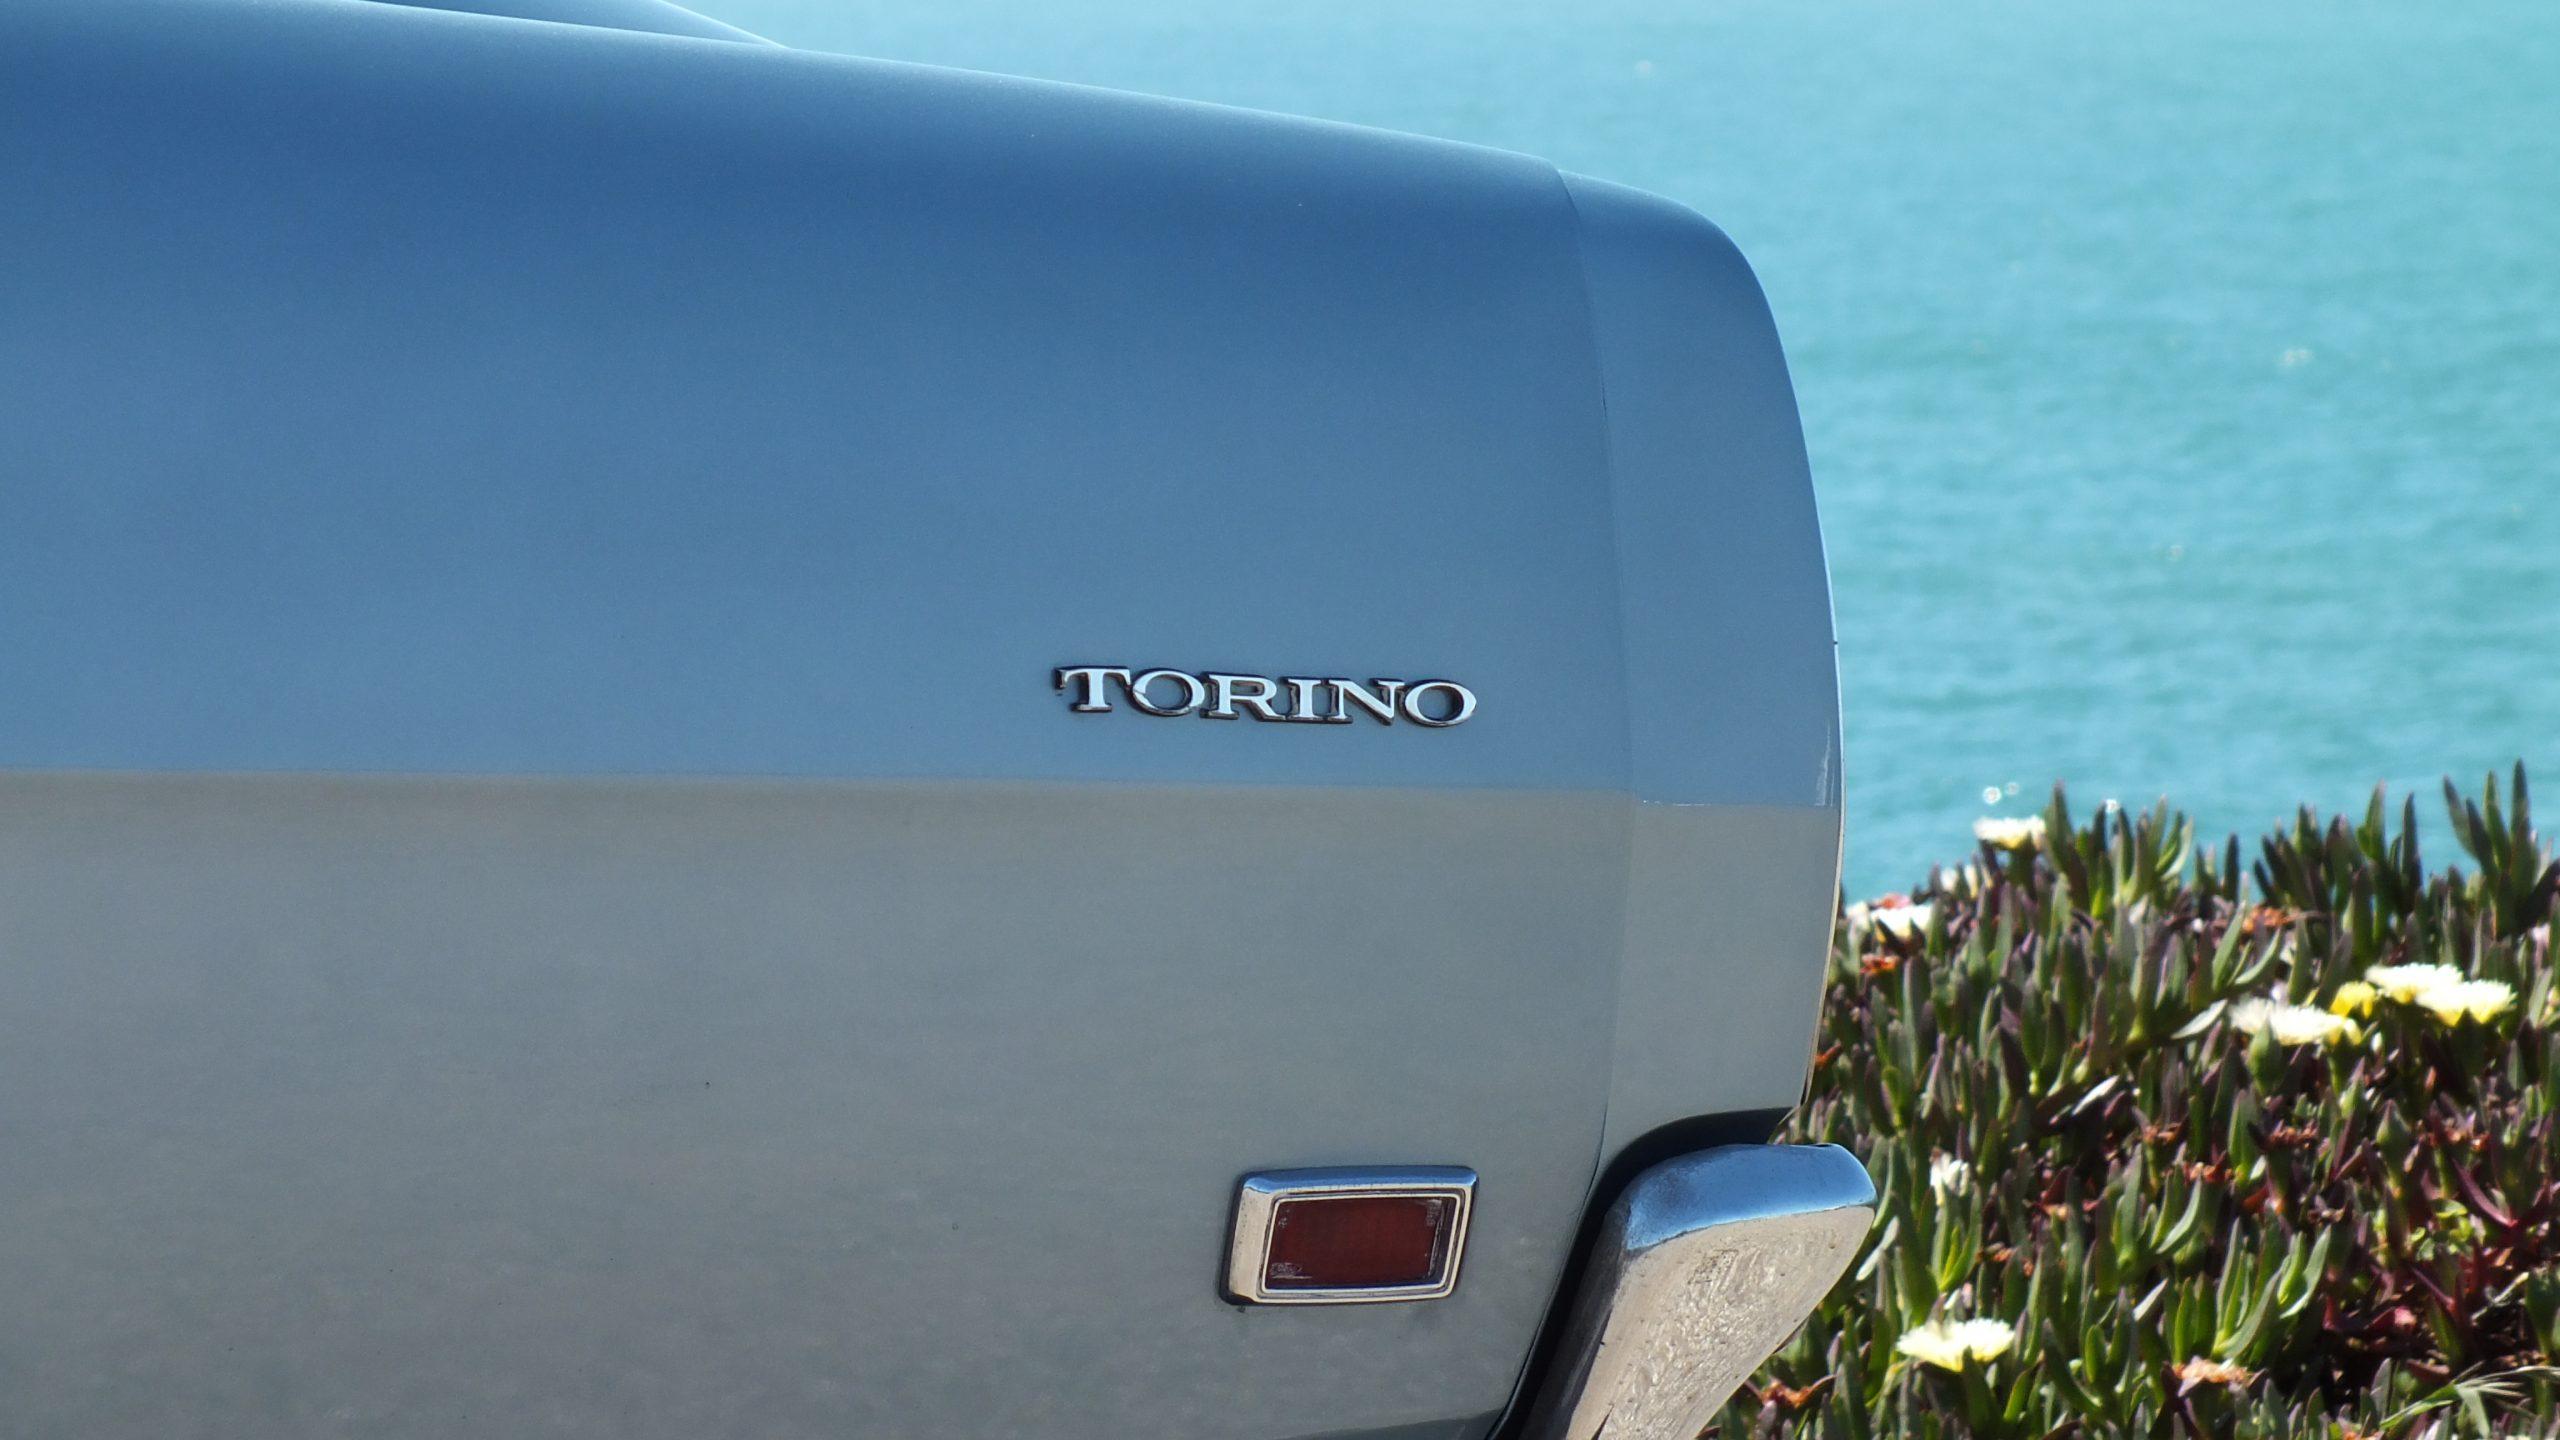 1969 Ford Torino rear quarter panel badge